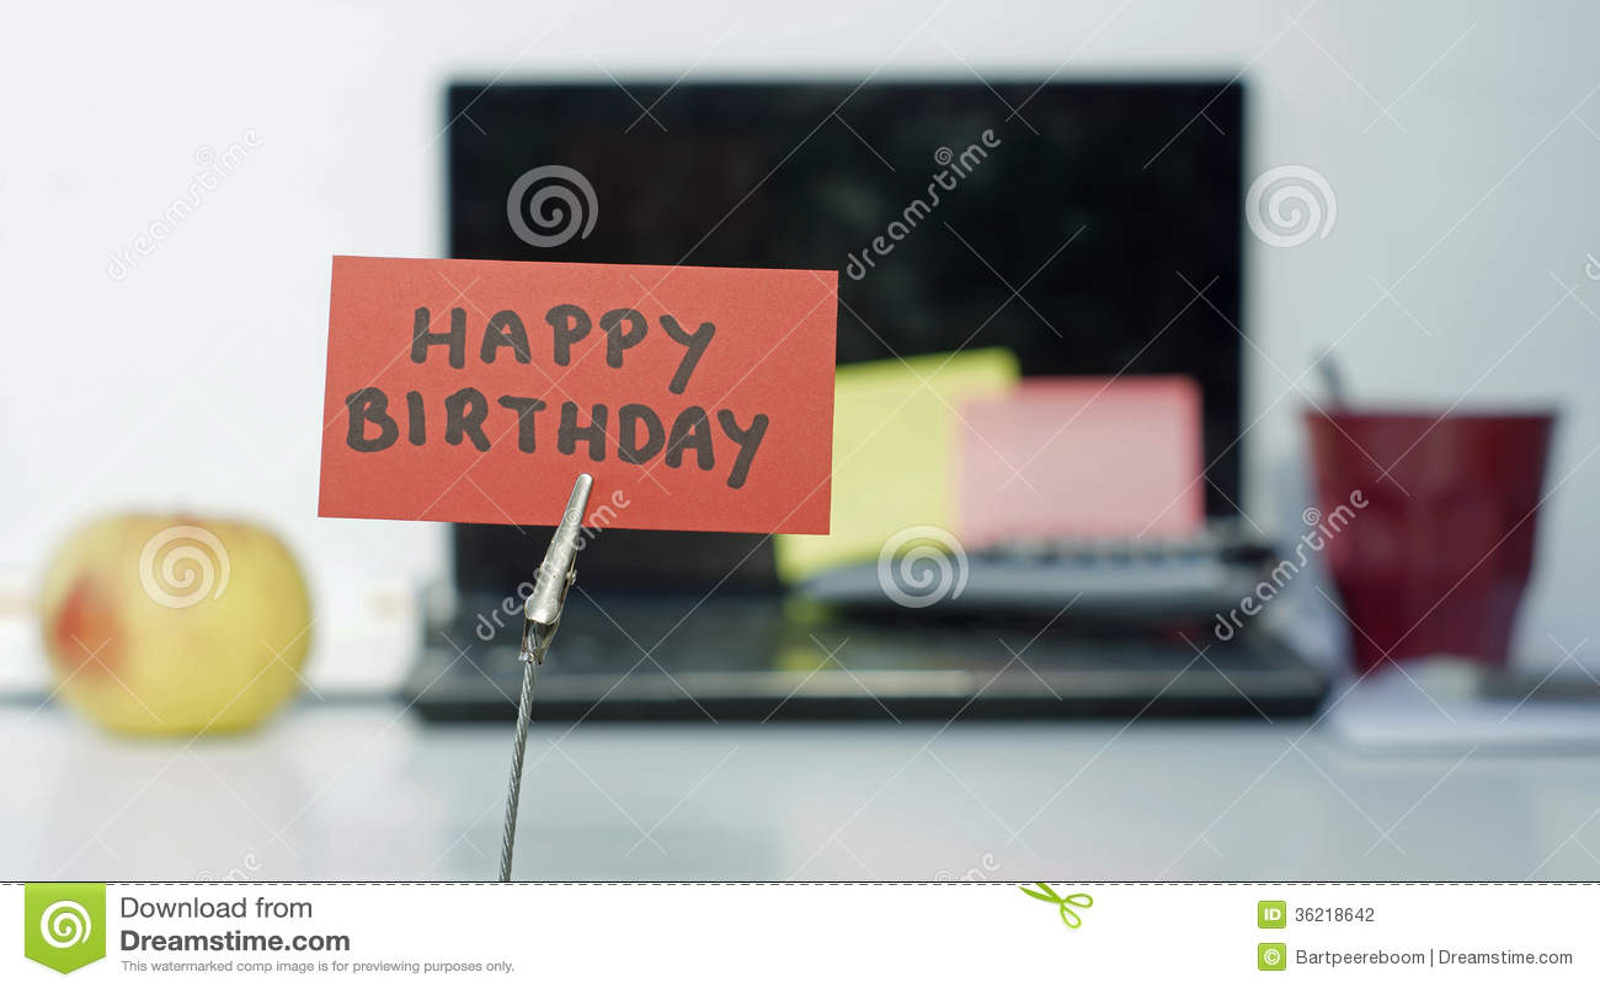 Happy Birthday Memo Stock Photography - Image: 36218642